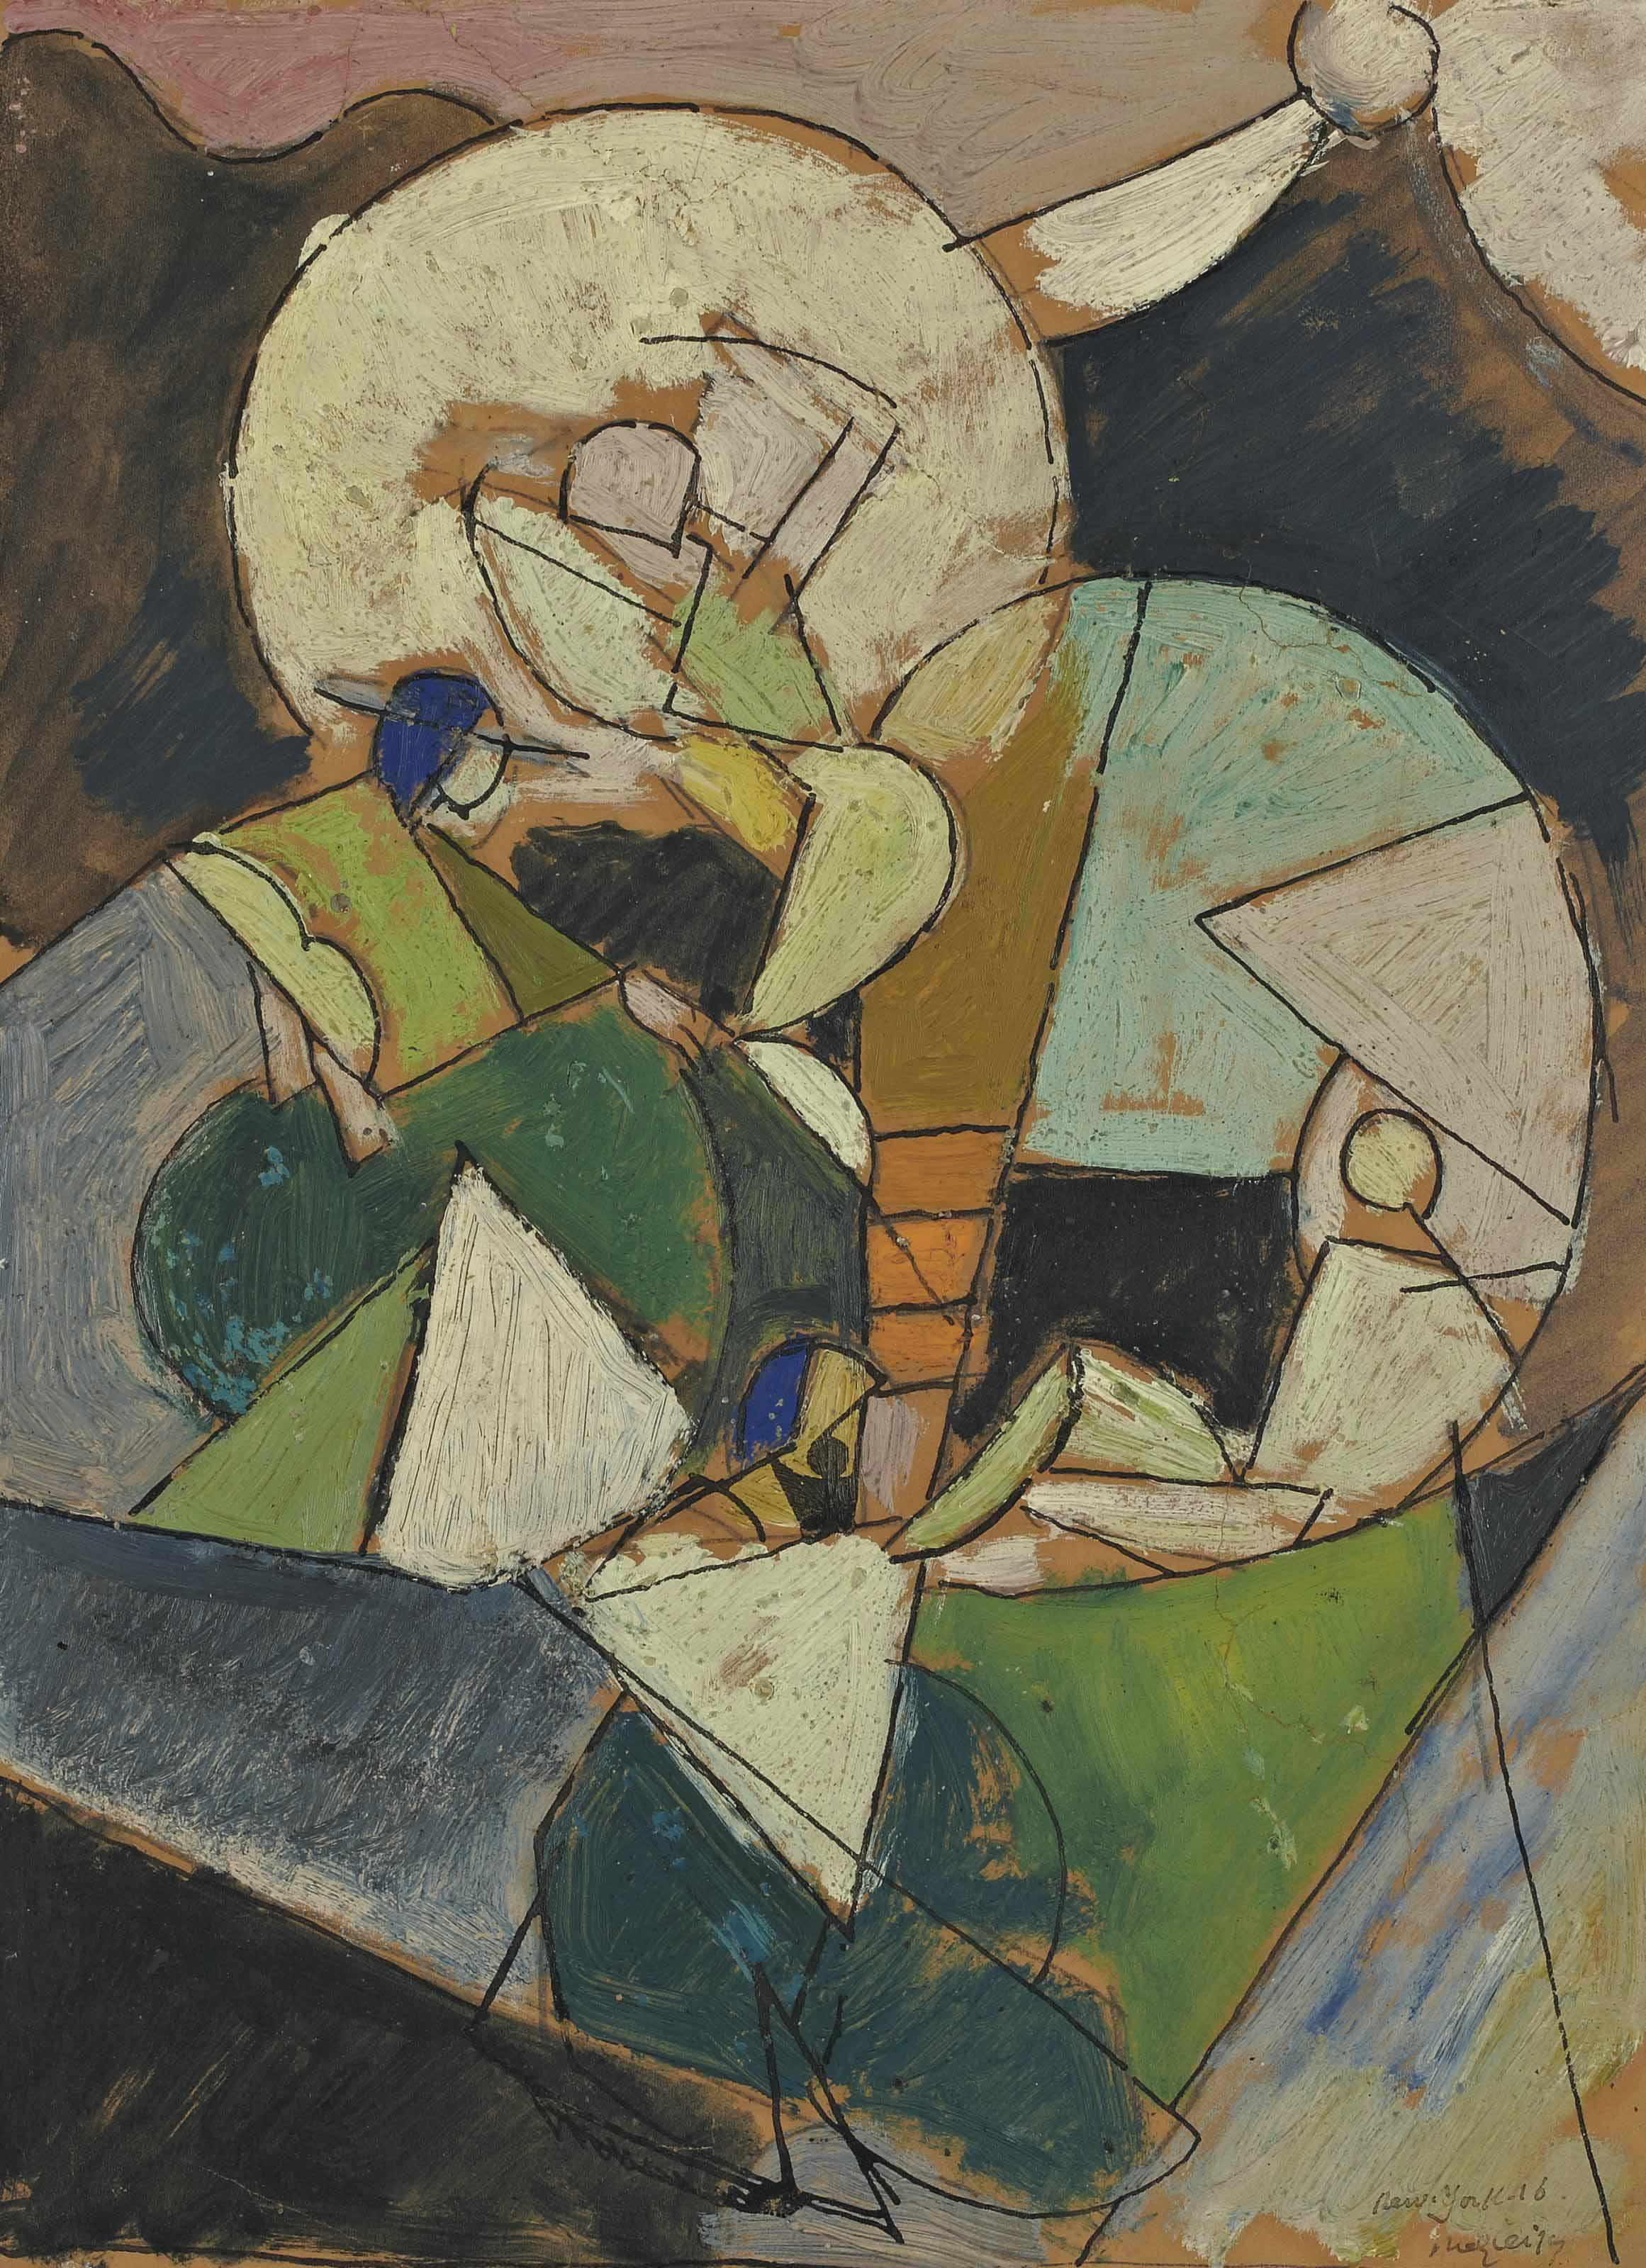 Albert Gleize (1881-1953)